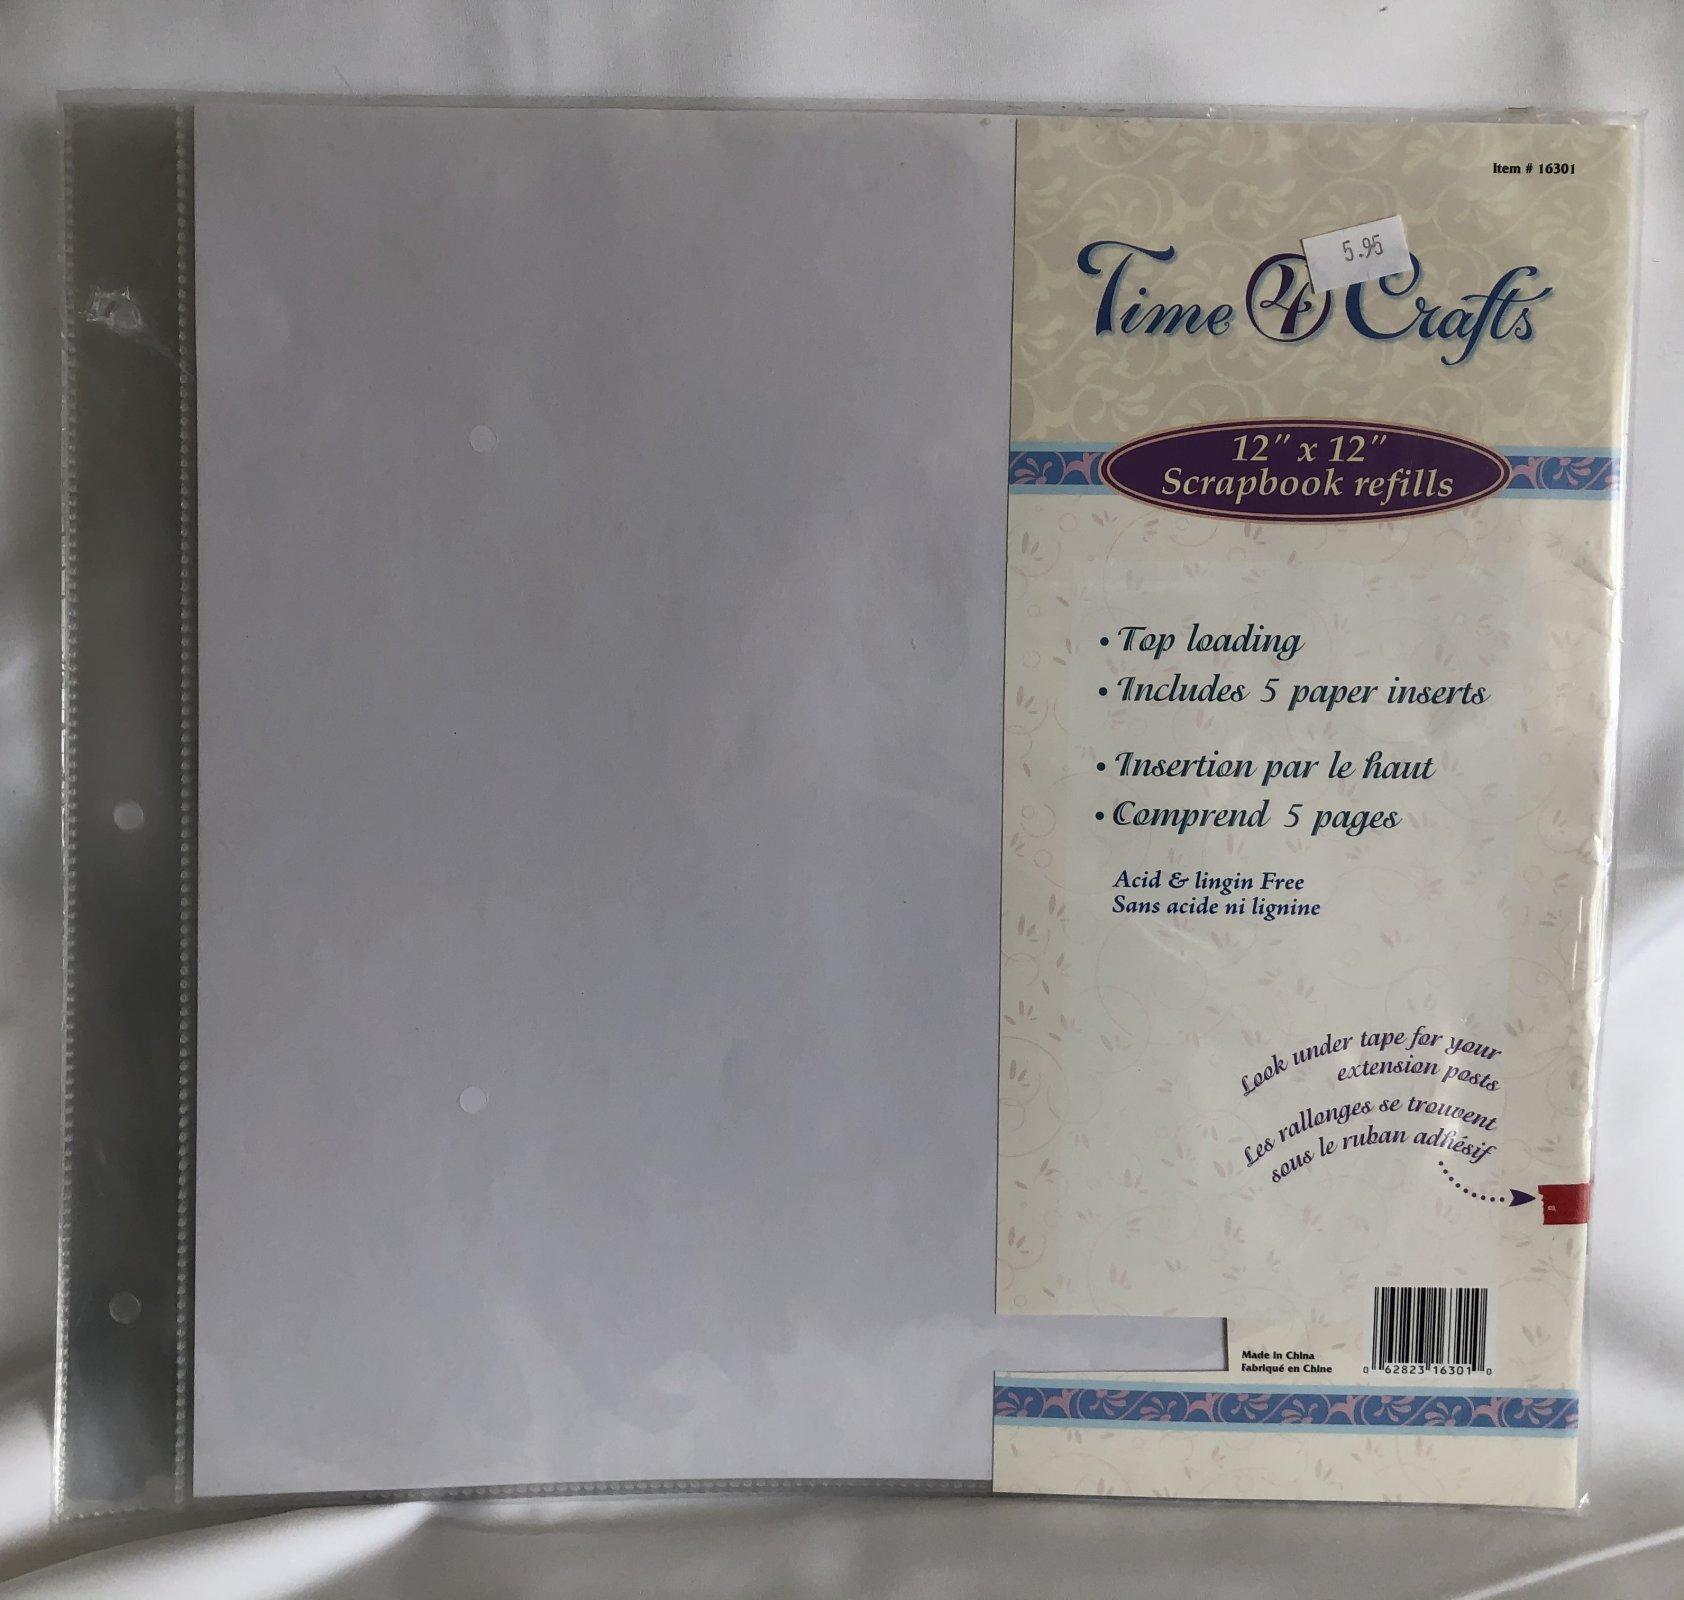 Time 4 Crafts 12 x 12 Scrapbook Refills - 5pk.